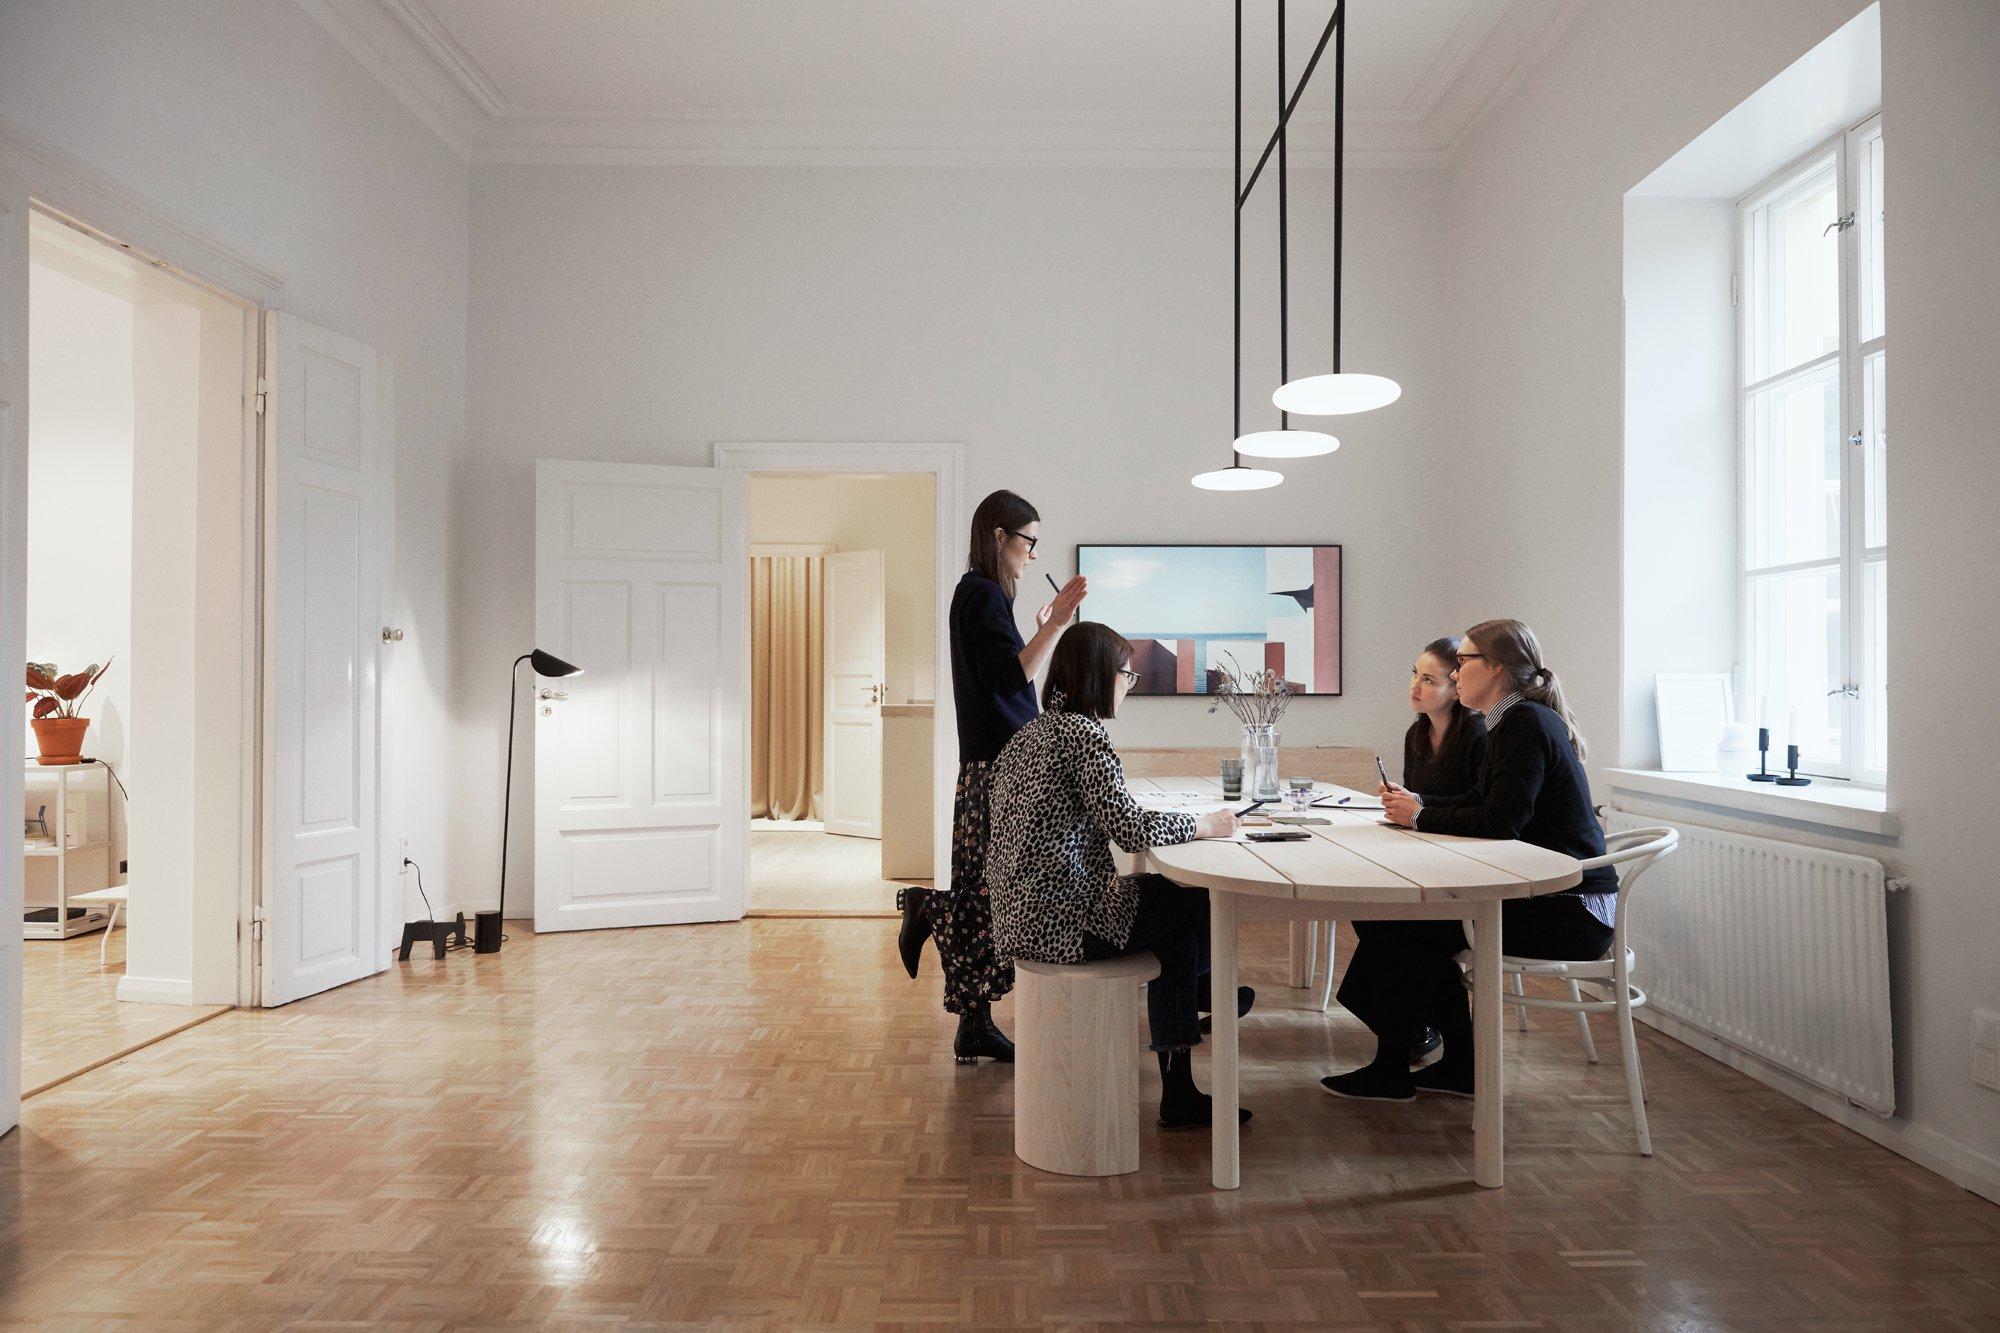 Office in Helsinki: Die Räume von Studio Joanna Laajisto befinden sich in der Kalevankatu 18 B in der Innenstadt von Helsinki, nicht weit entfernt von der Flaniermeile Esplanadi. Hier befinden sich auch einige Entwürfe der Designerin wie die Hängeleuchte Ihana, die Laajisto für Marset entworfen hat. Foto/ Copyright: Studio Joanna Laajisto